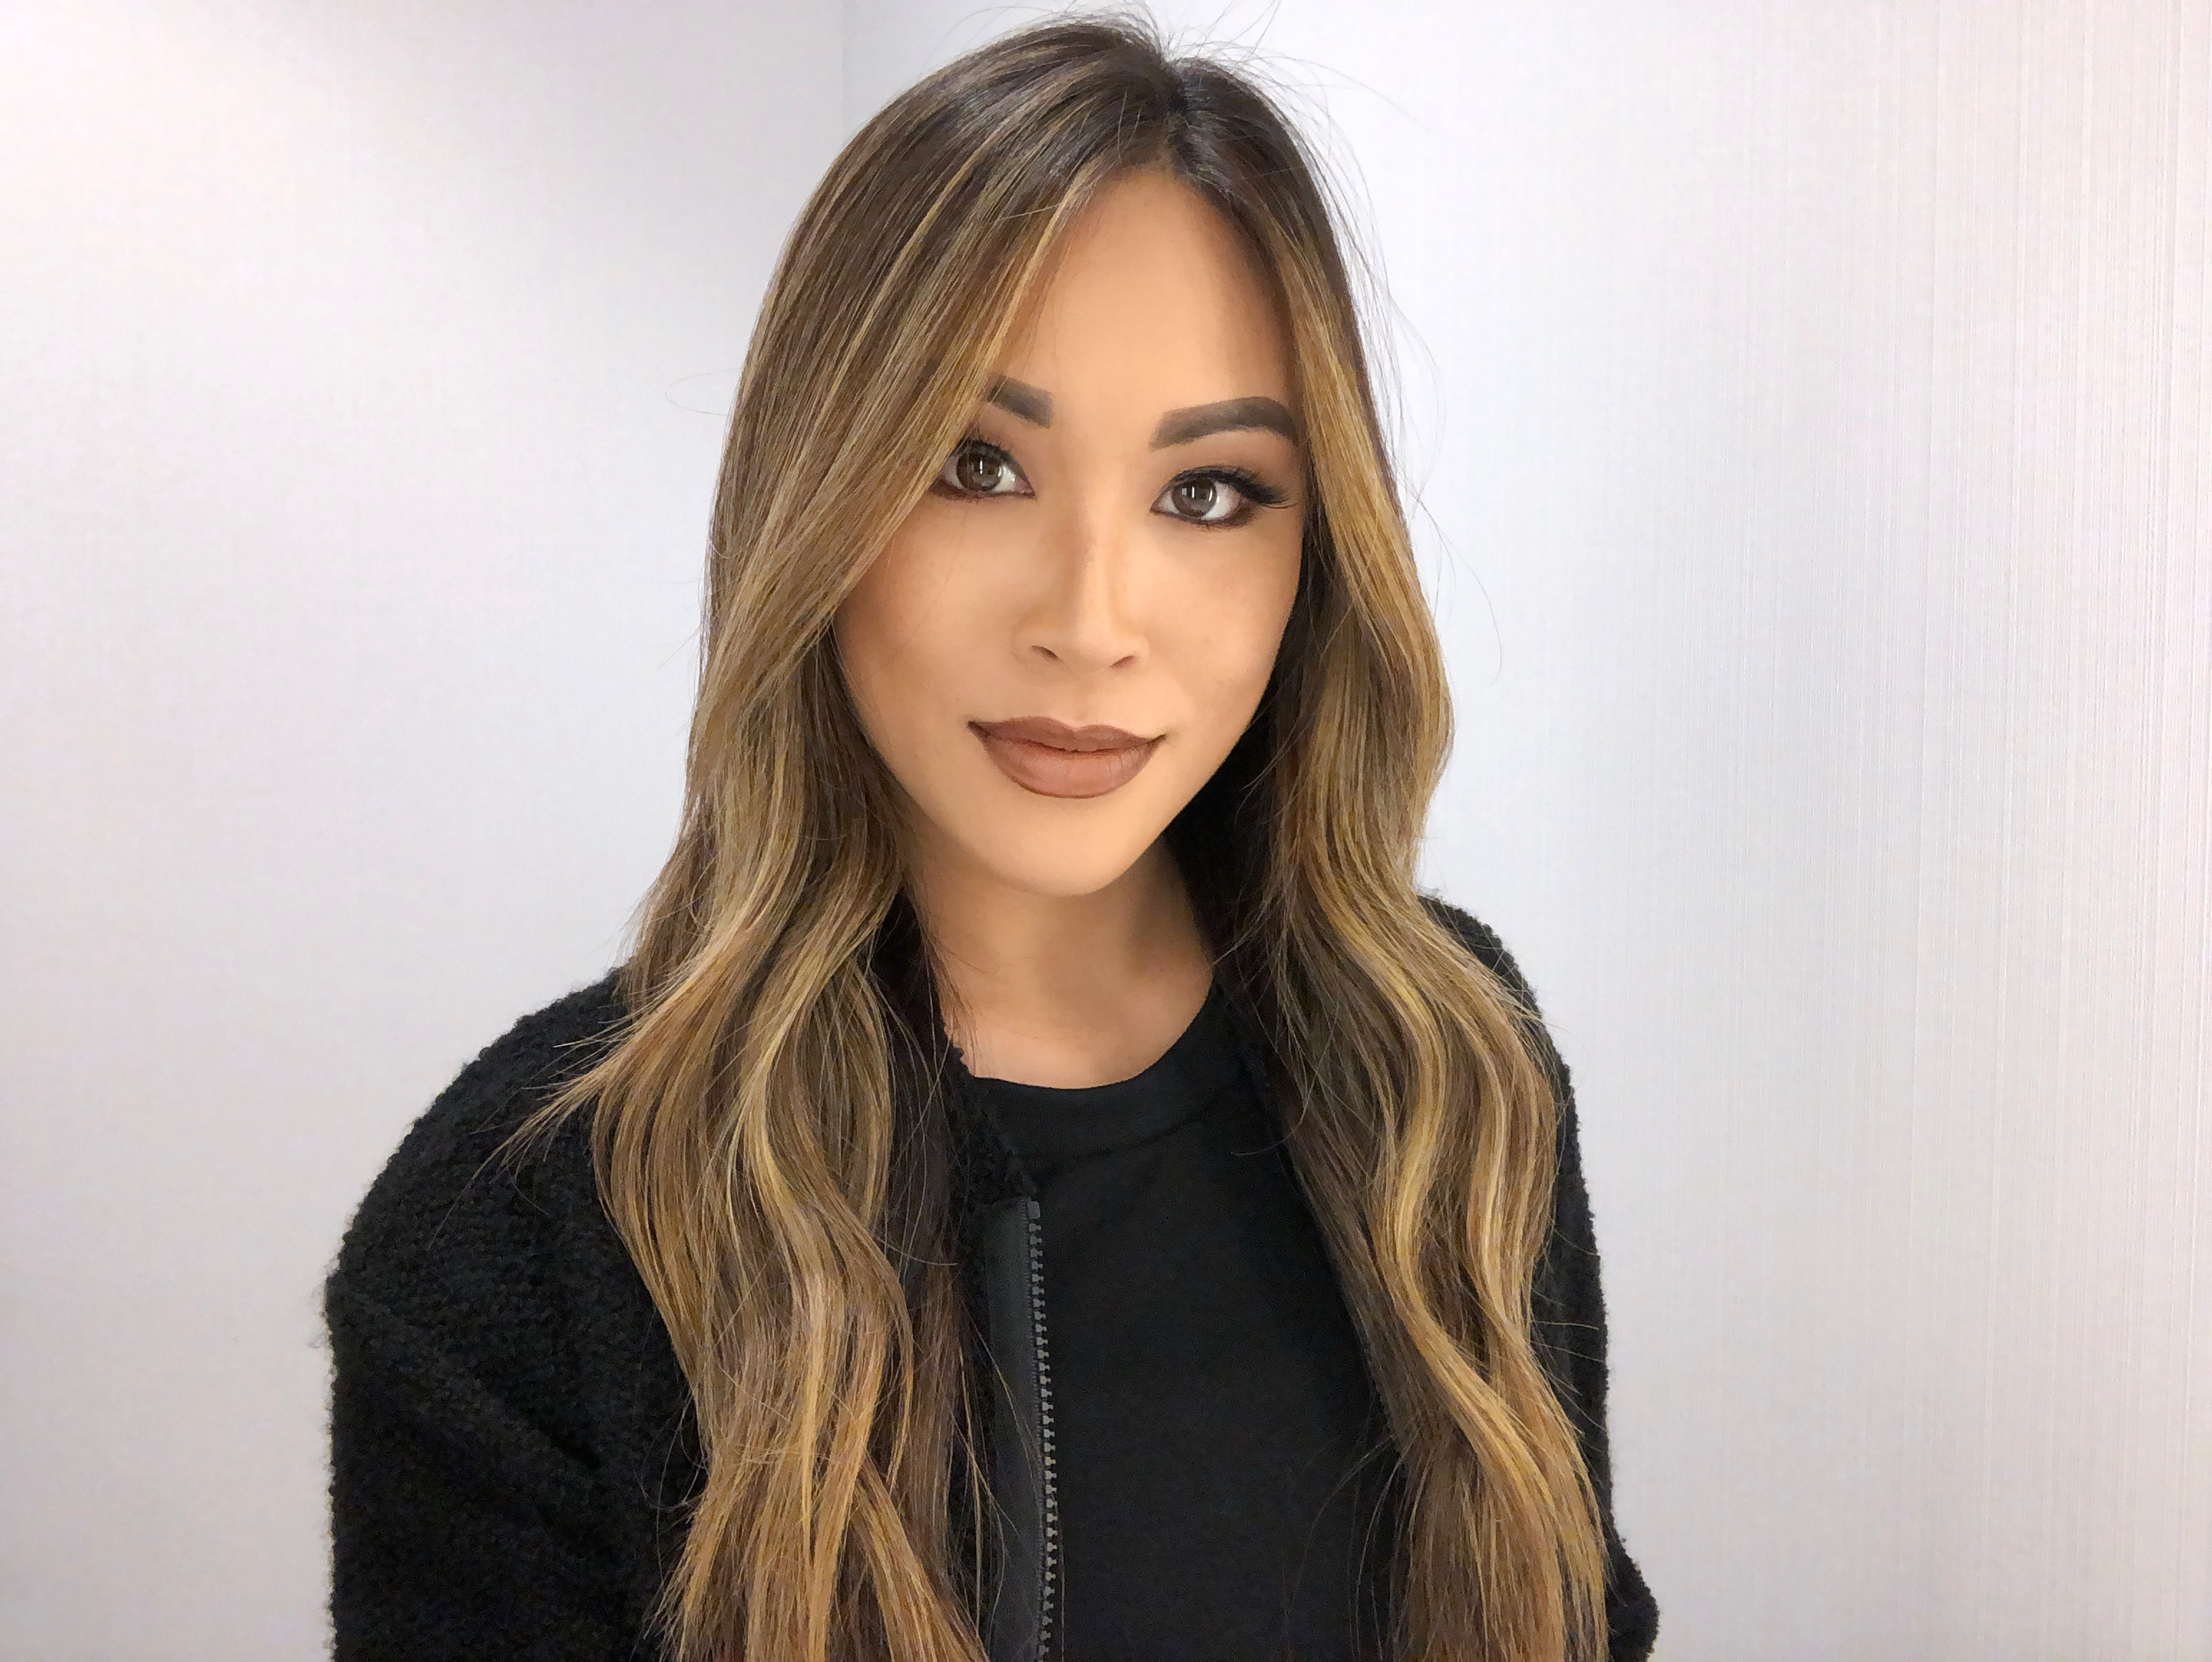 Kylie Erica Mar